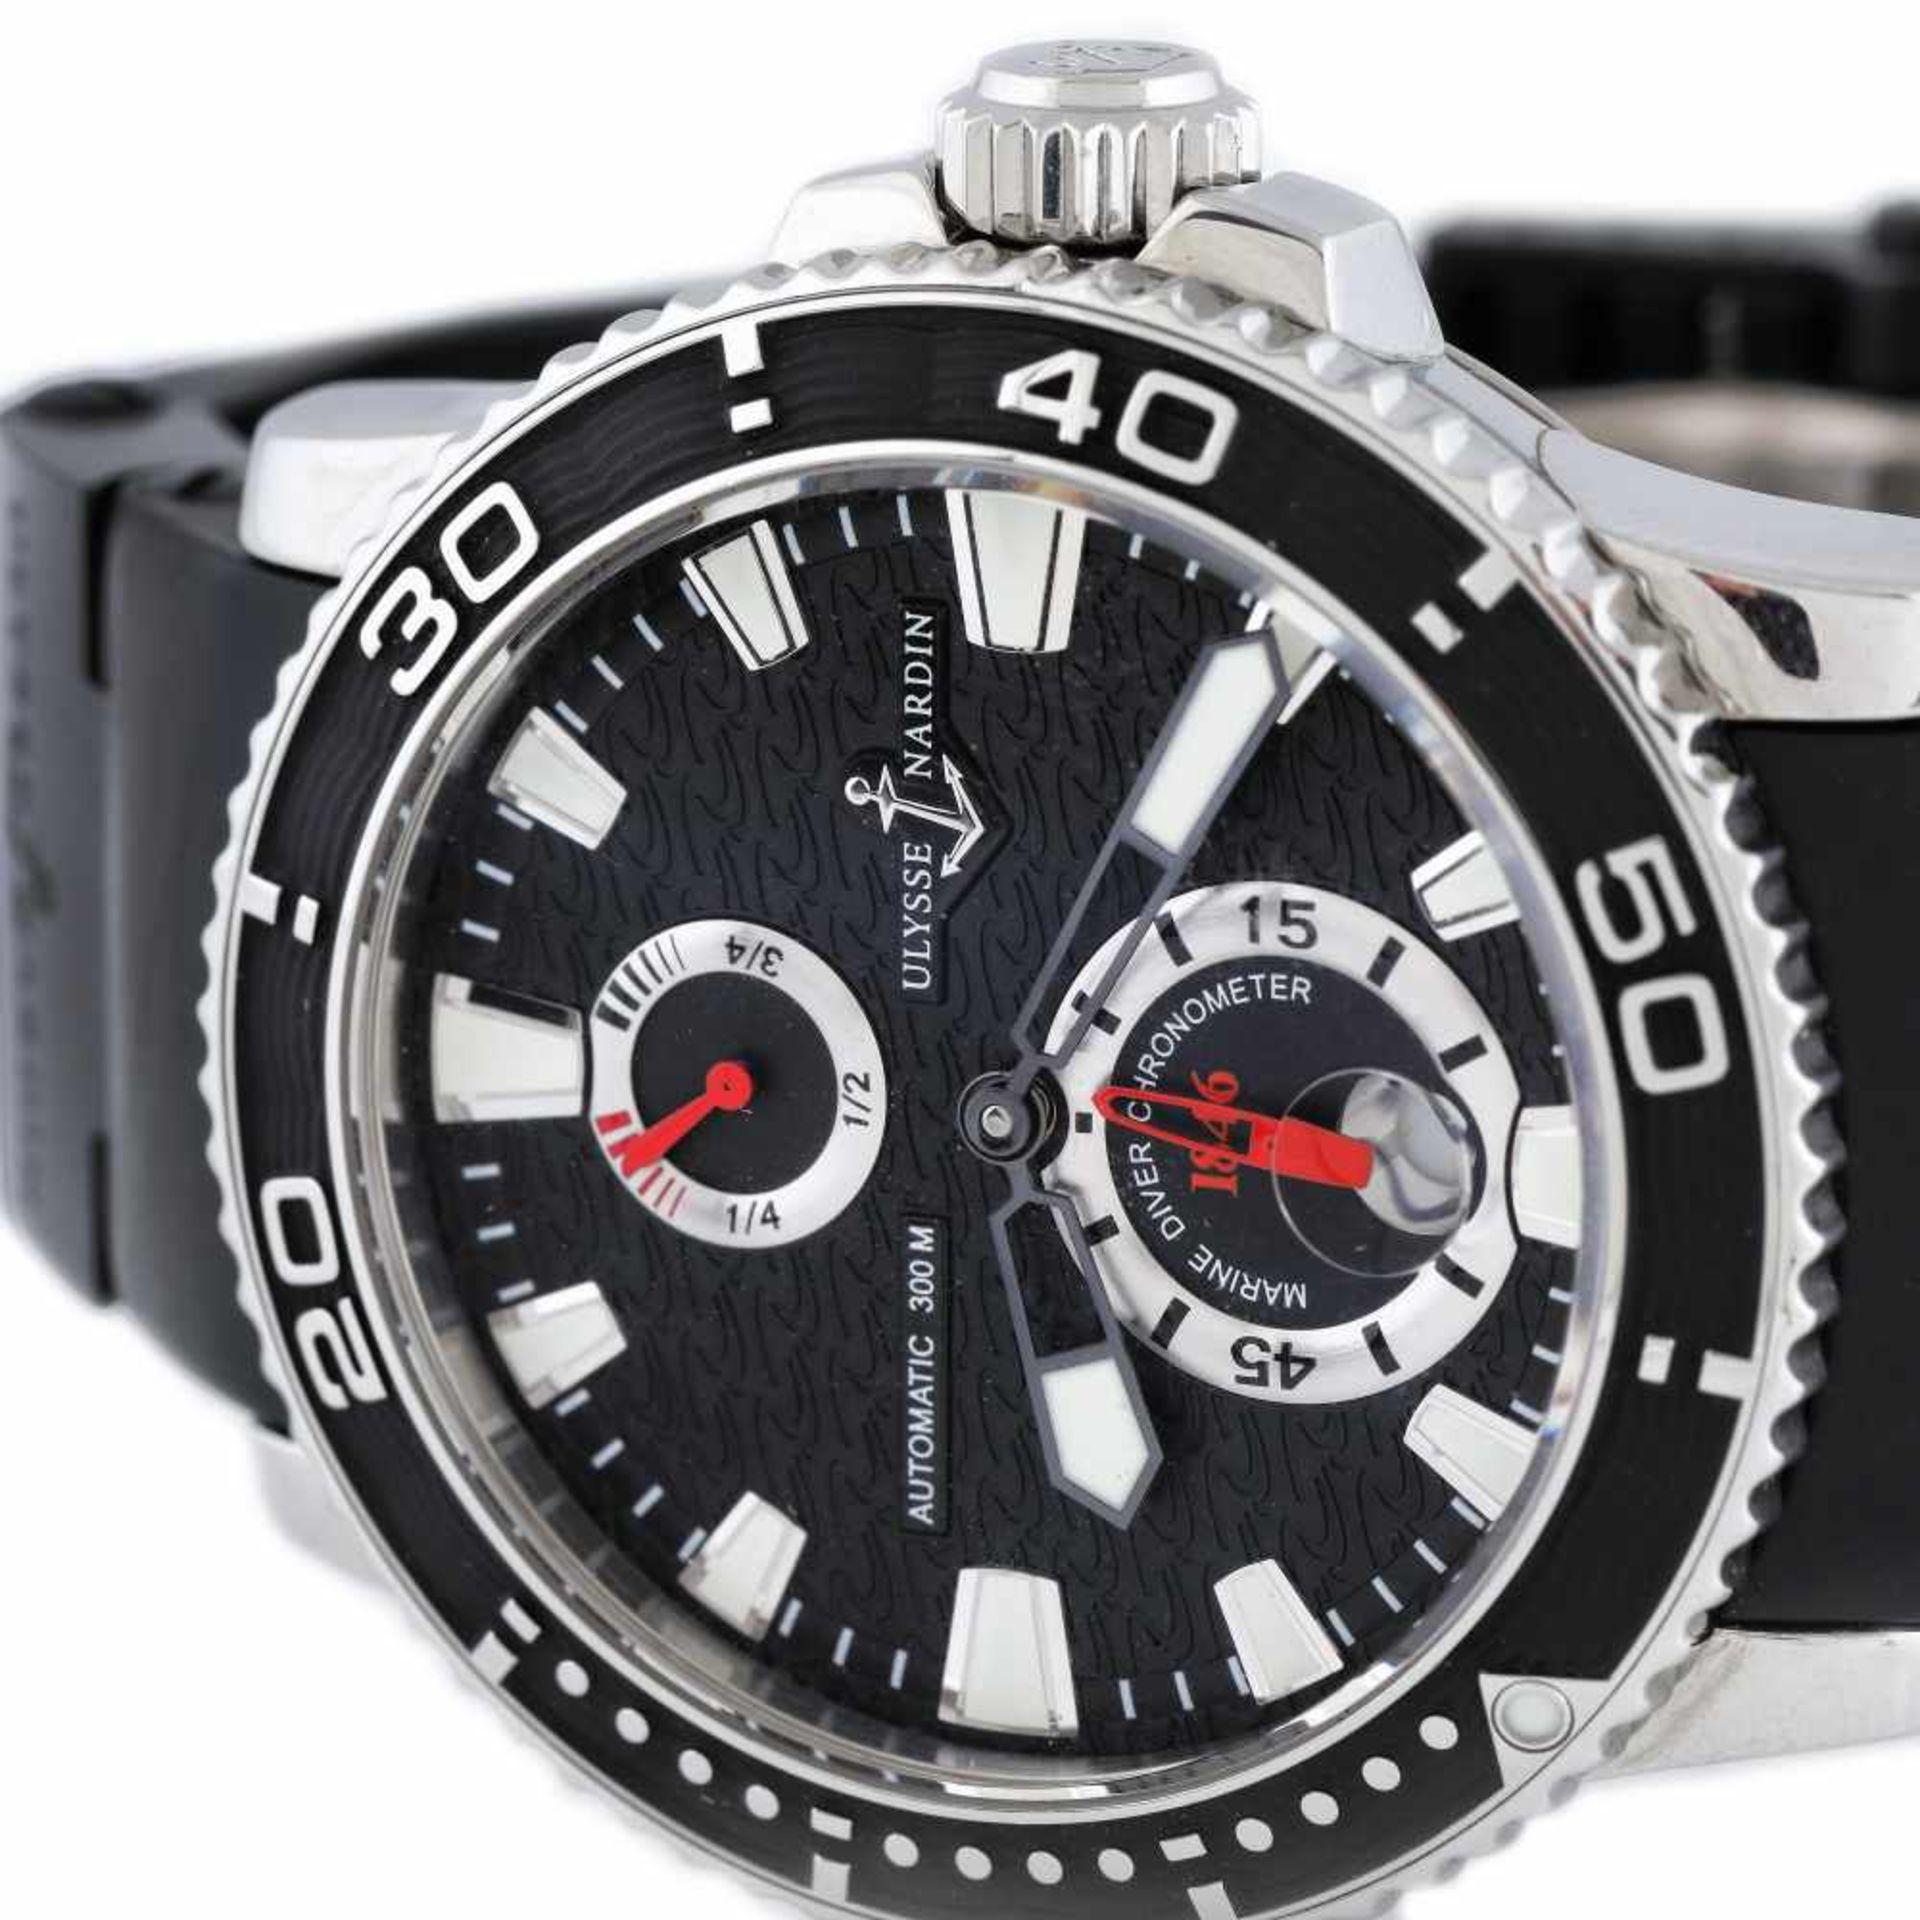 Ulysse Nardin Maxi Marine Diver wristwatch, men, provenance documents - Bild 2 aus 4